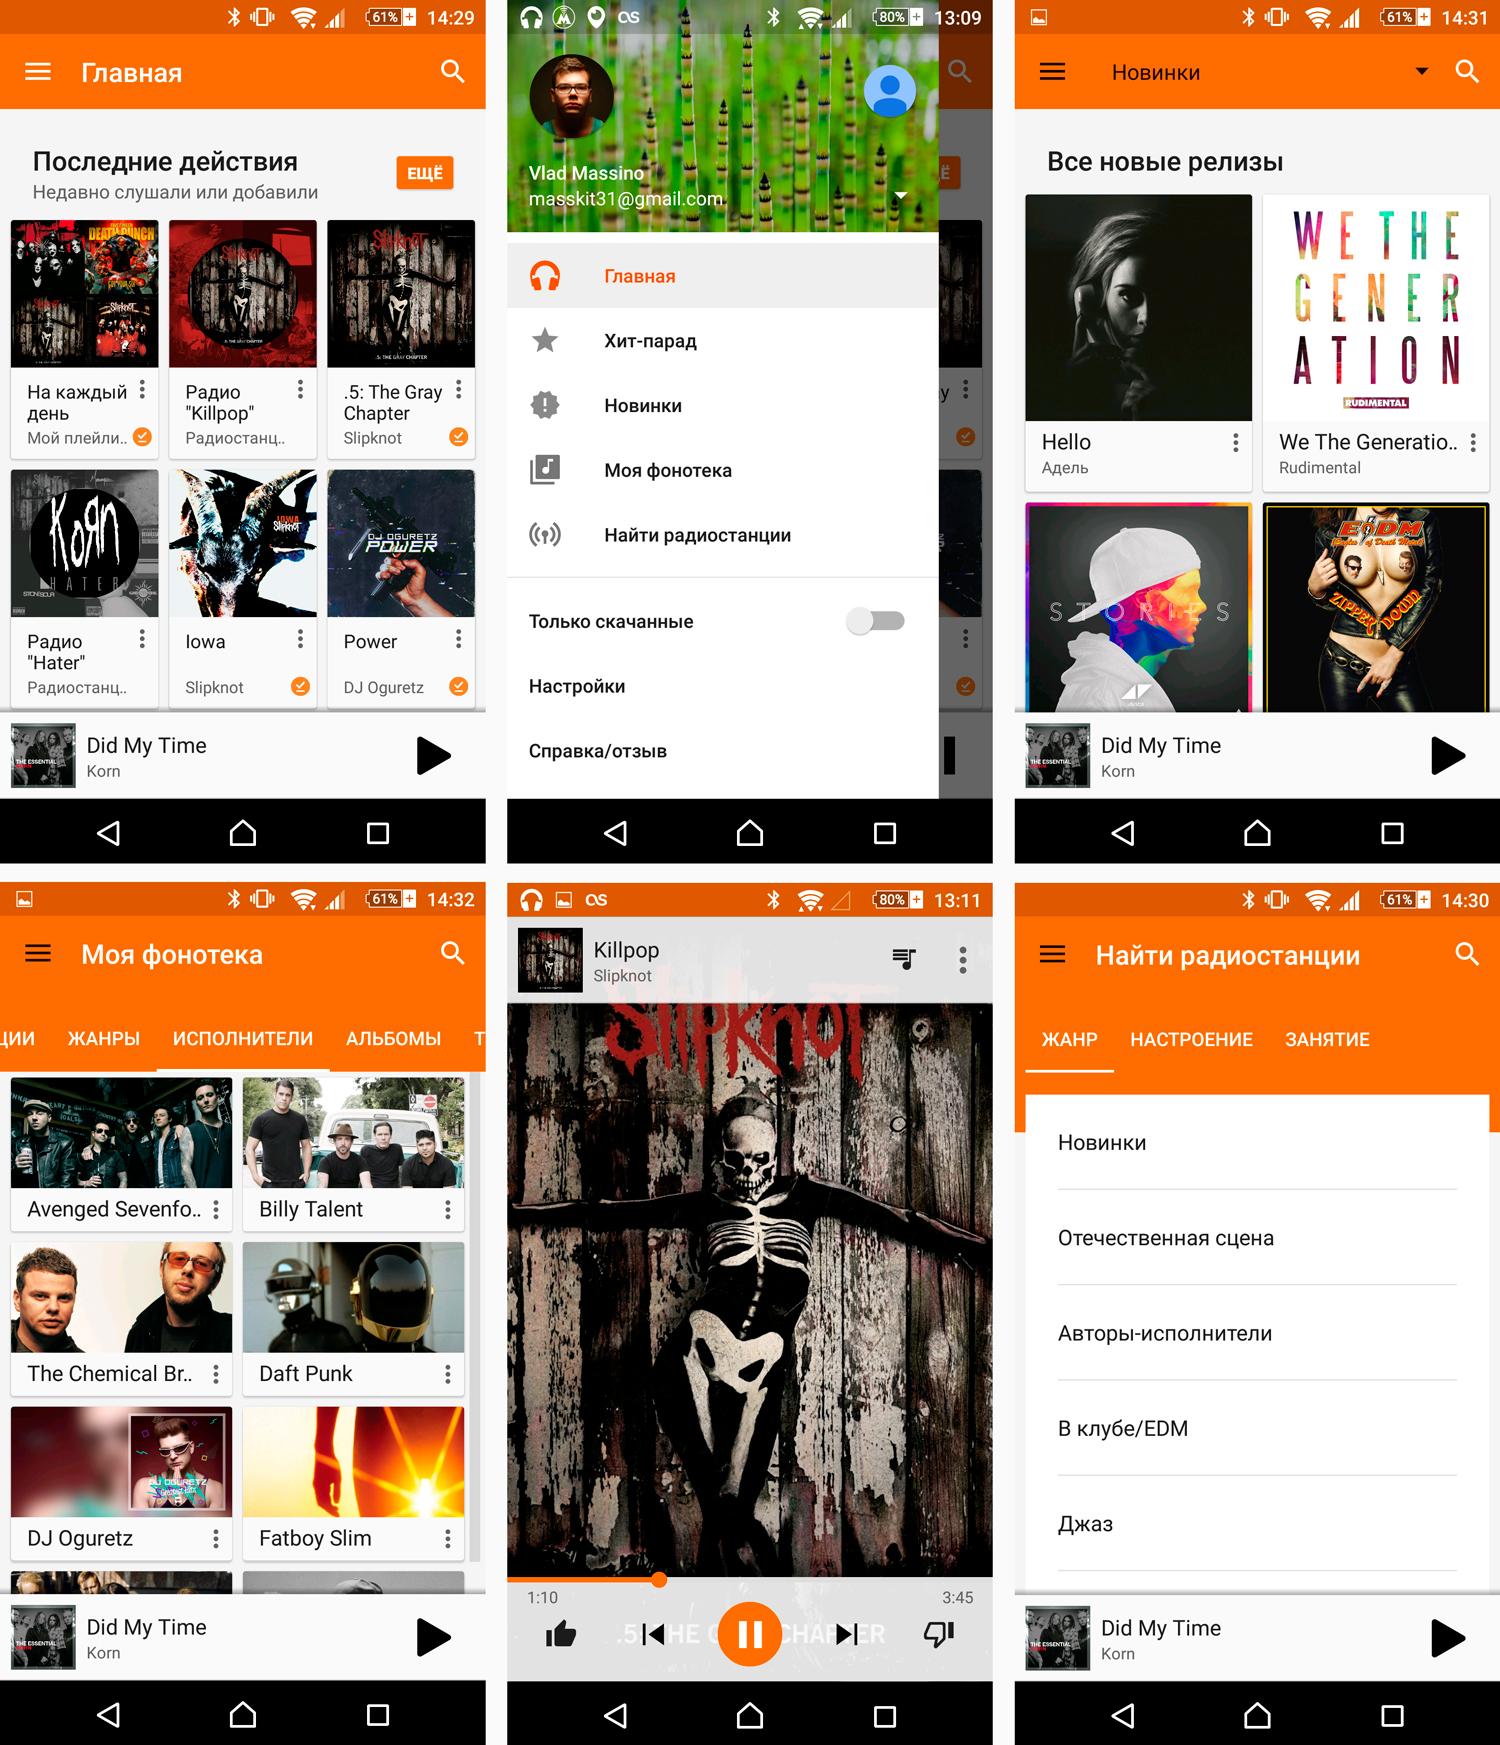 Интерфейс Play Music выполнен в общем для Google стиле